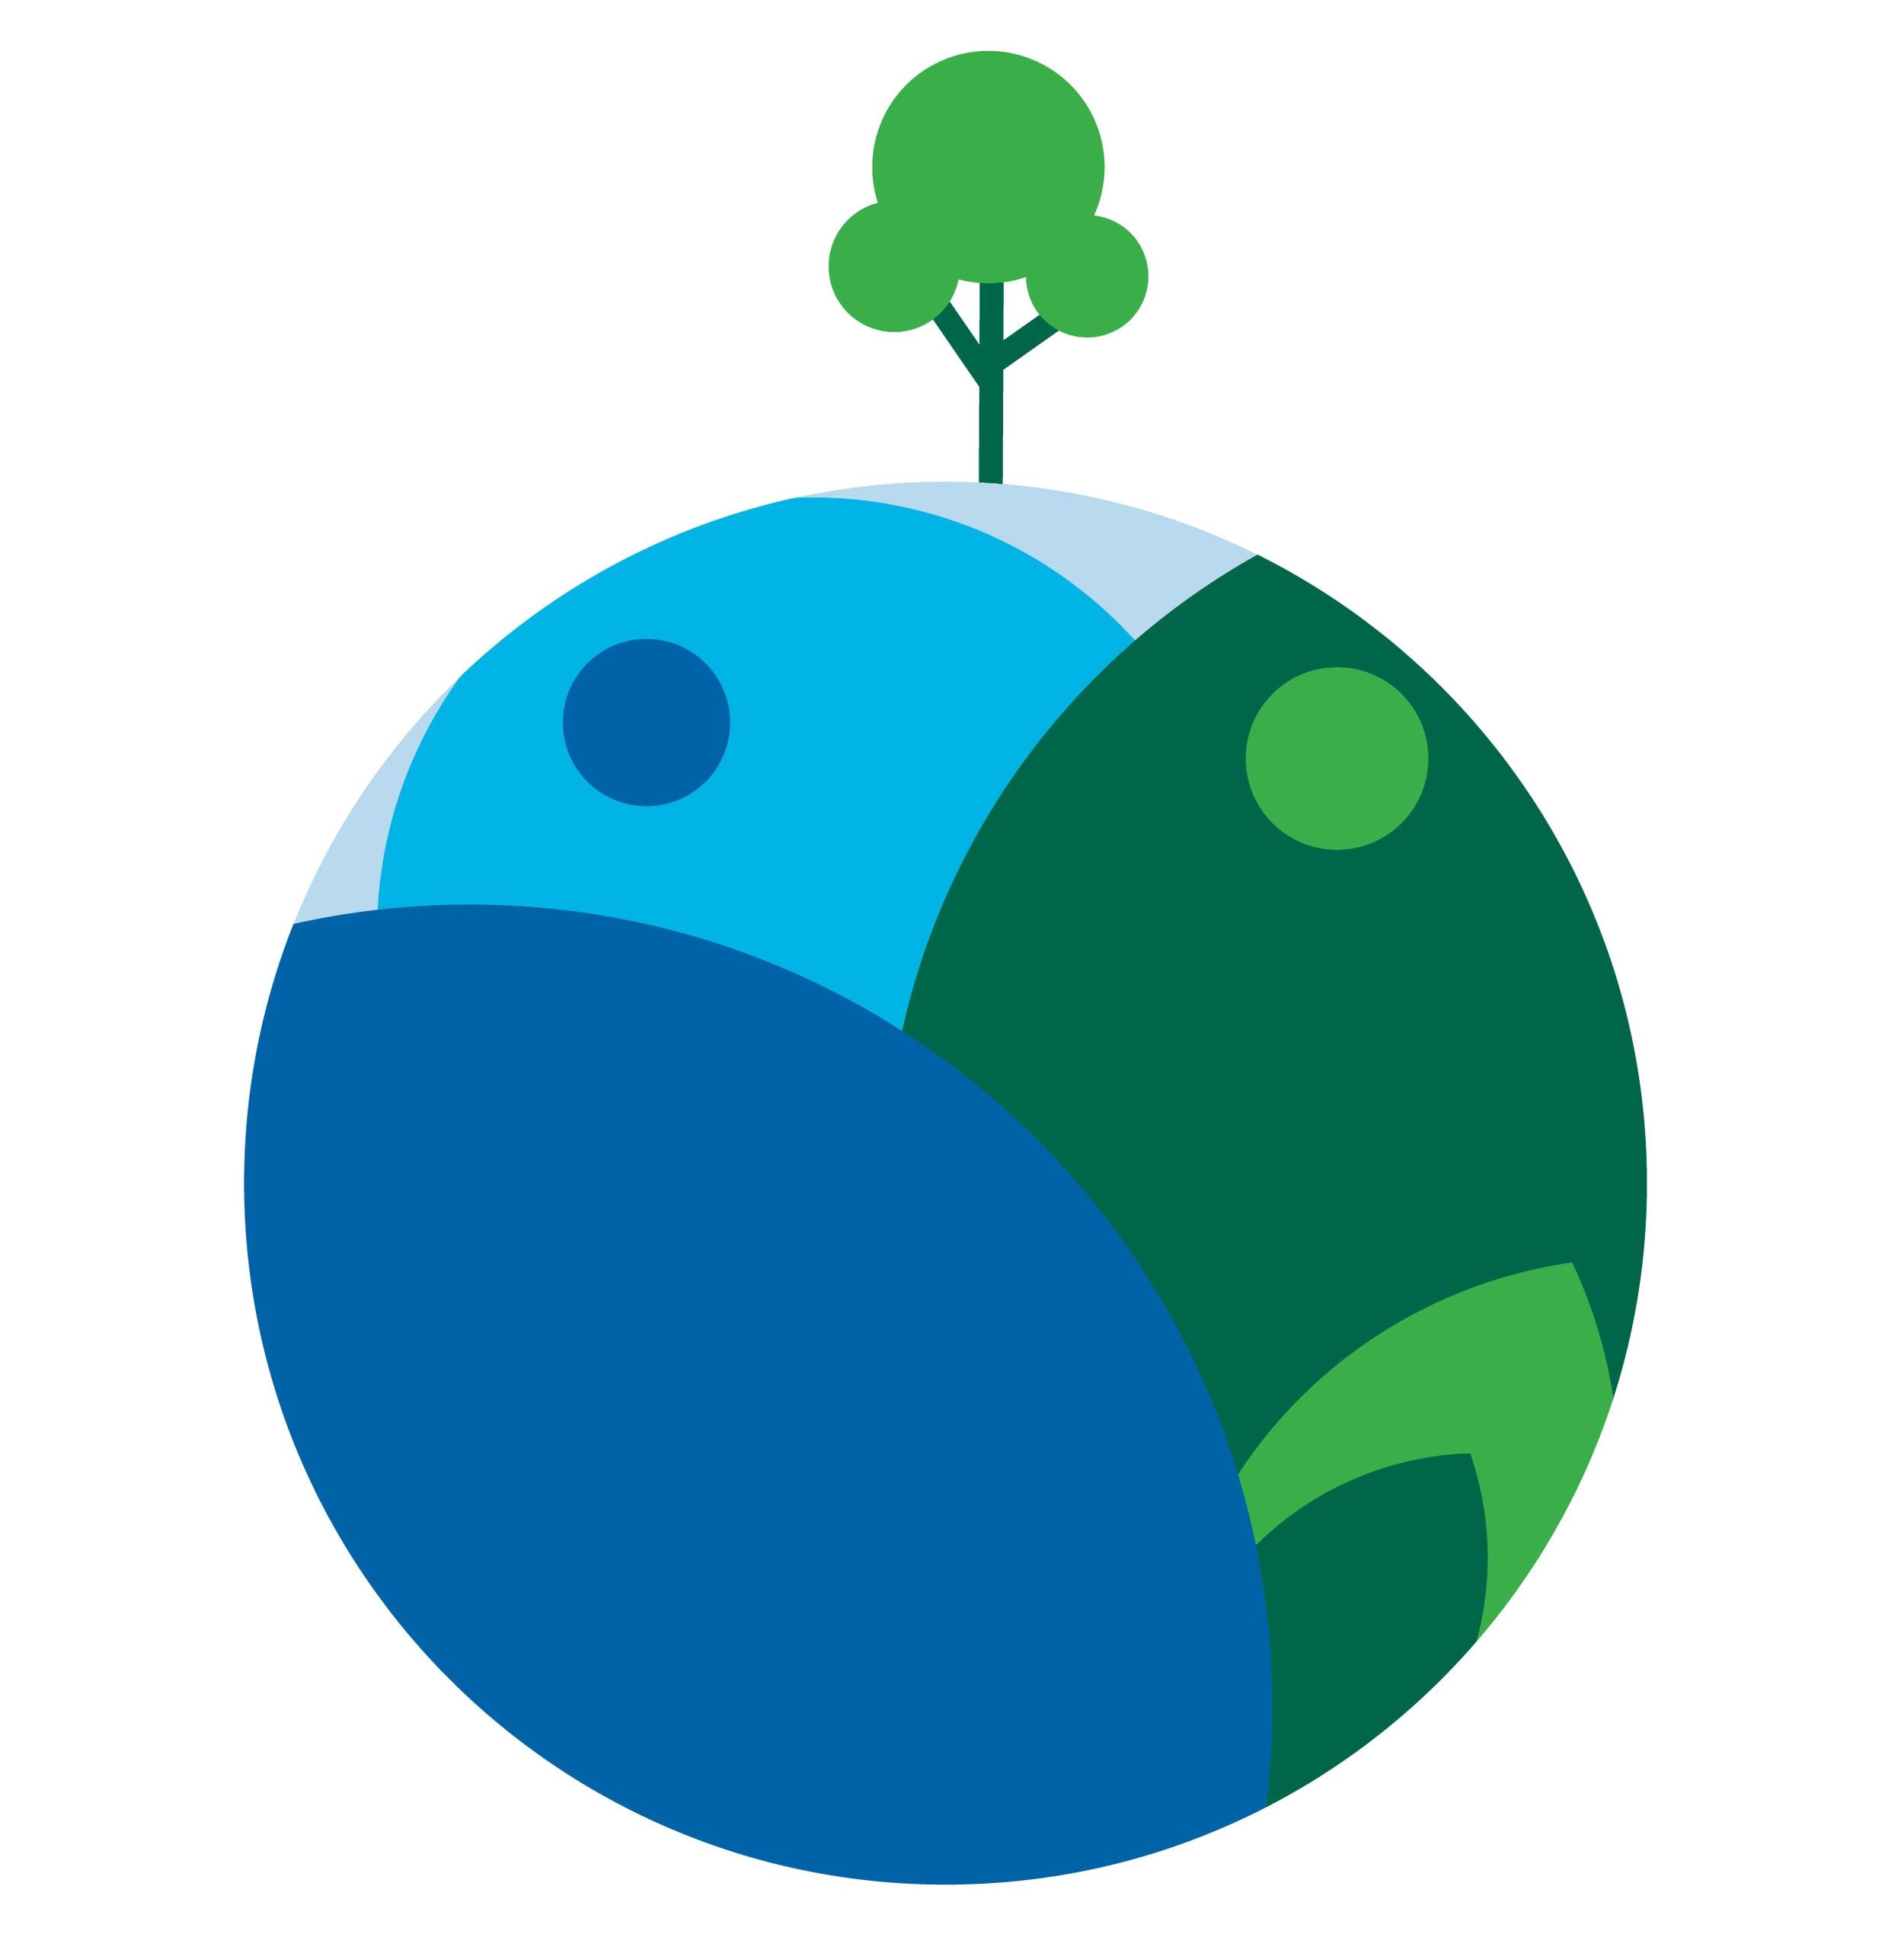 Earth Love 10 layer 02_Full Logo_Full Logo.jpg